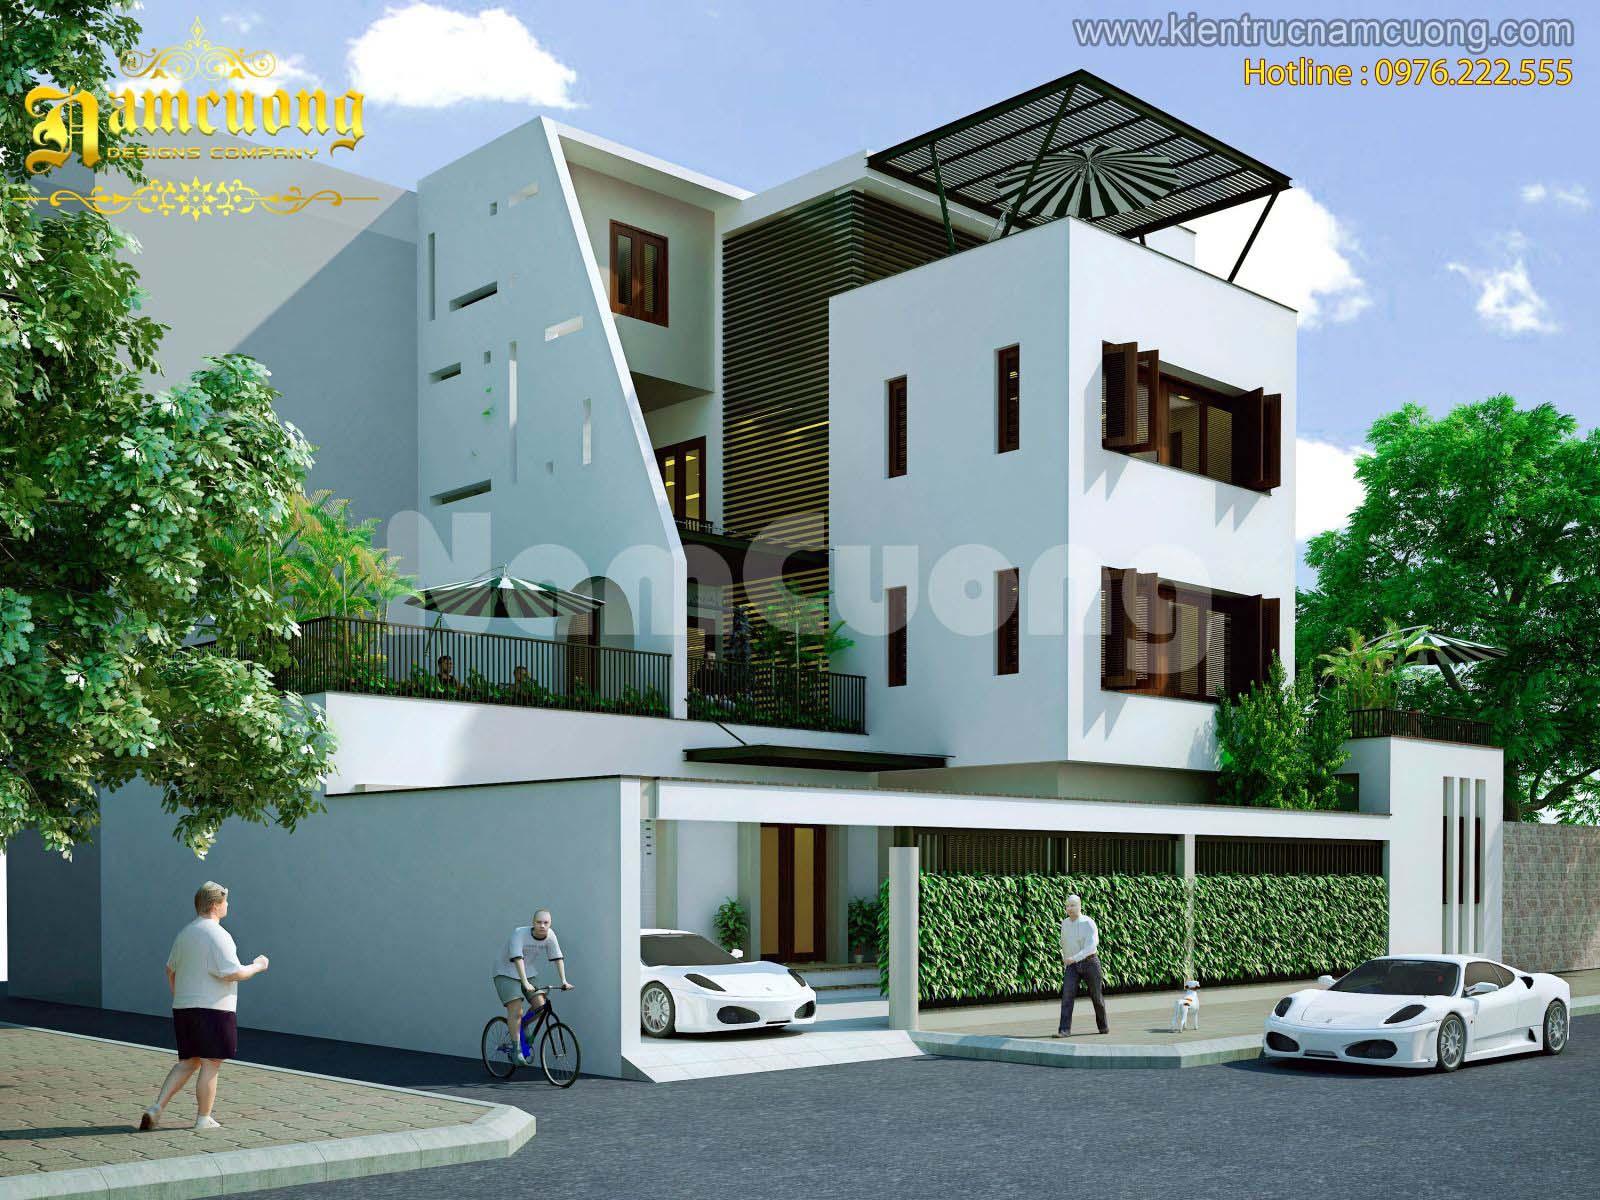 Thiết kế biệt thự hiện đại 4 tầng mặt tiền 15m tại Hải Phòng - BTHD 001